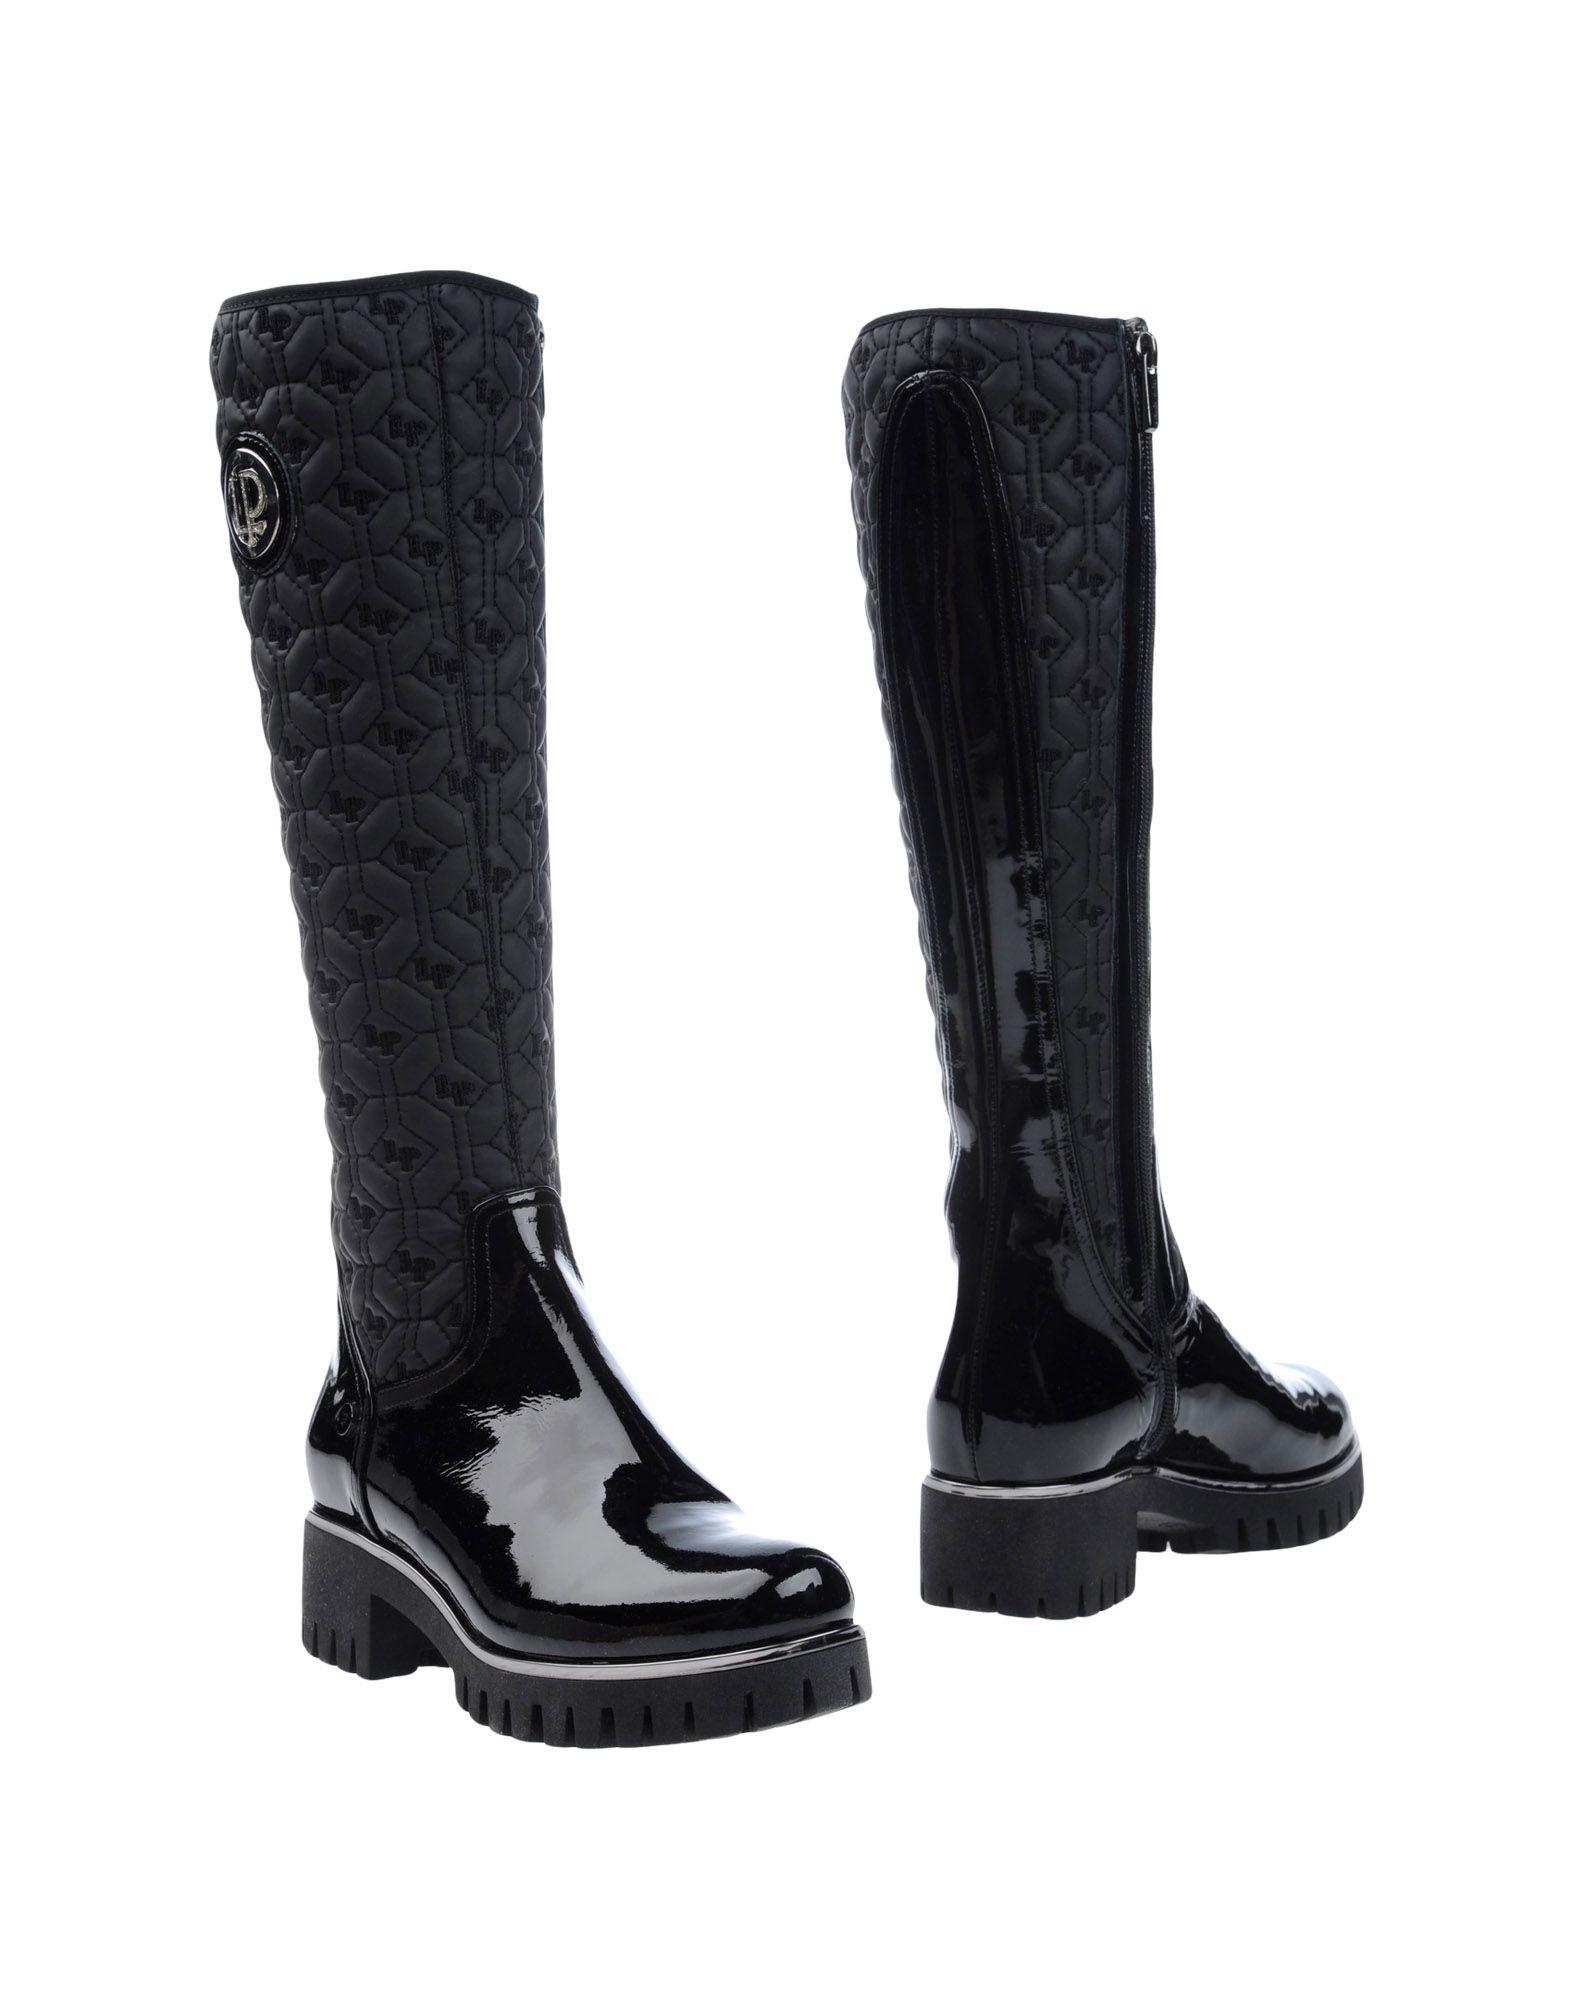 Loretta Pettinari Stiefel Damen  11252452BIGut aussehende strapazierfähige Schuhe